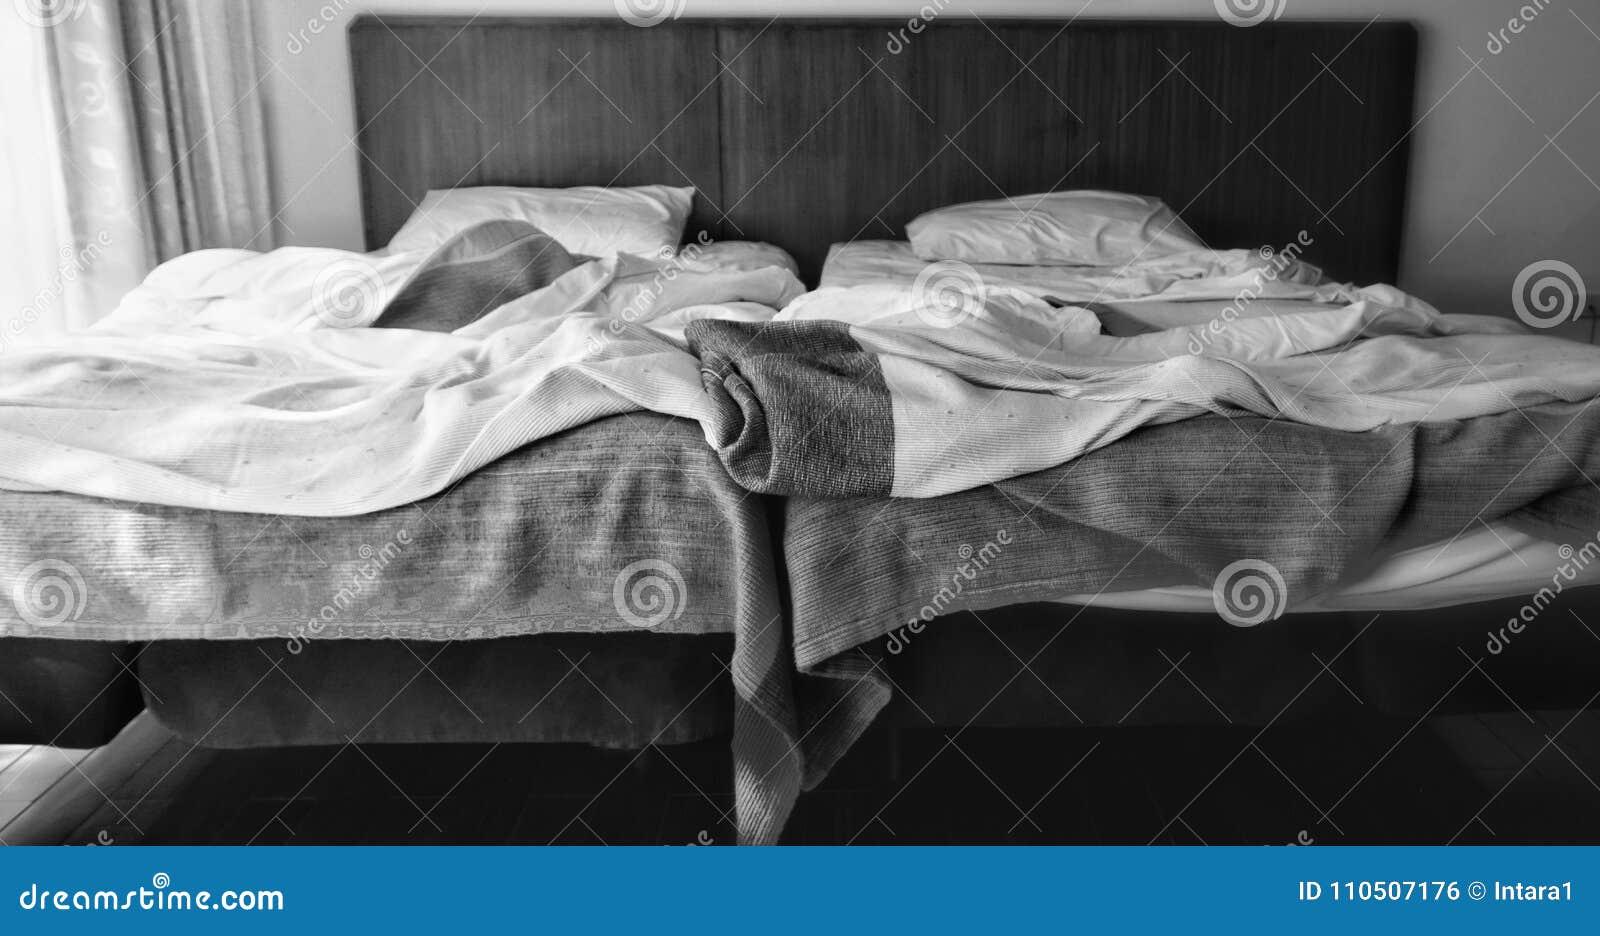 2 смежных кровати в черно-белом с различной светлой прочностью